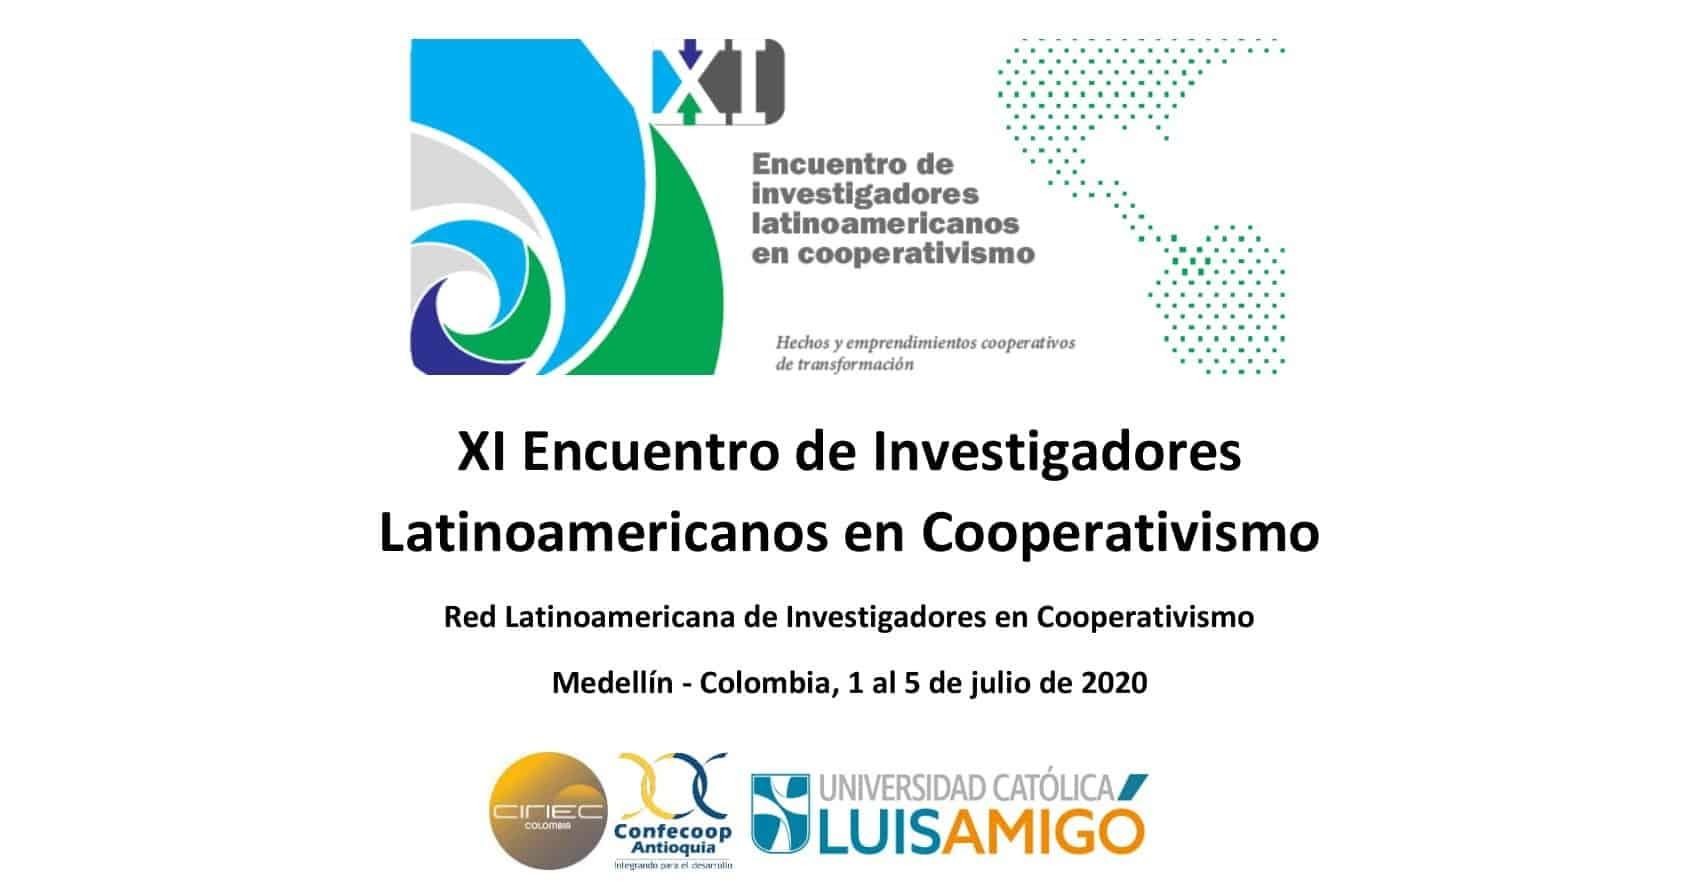 XI Encuentro de Investigadores Latinoamericanos en Cooperativismo